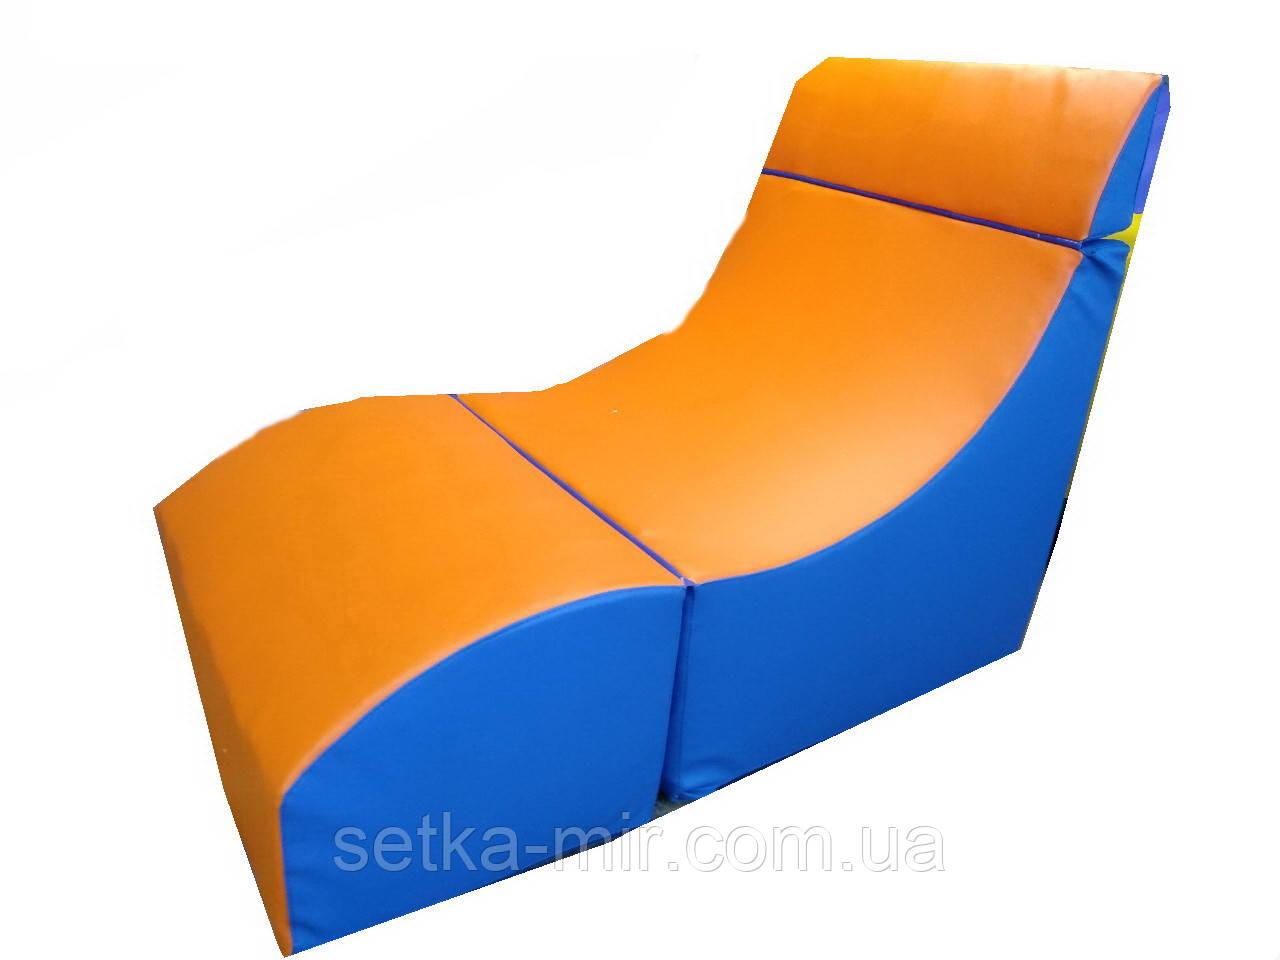 Складное кресло Трансформер